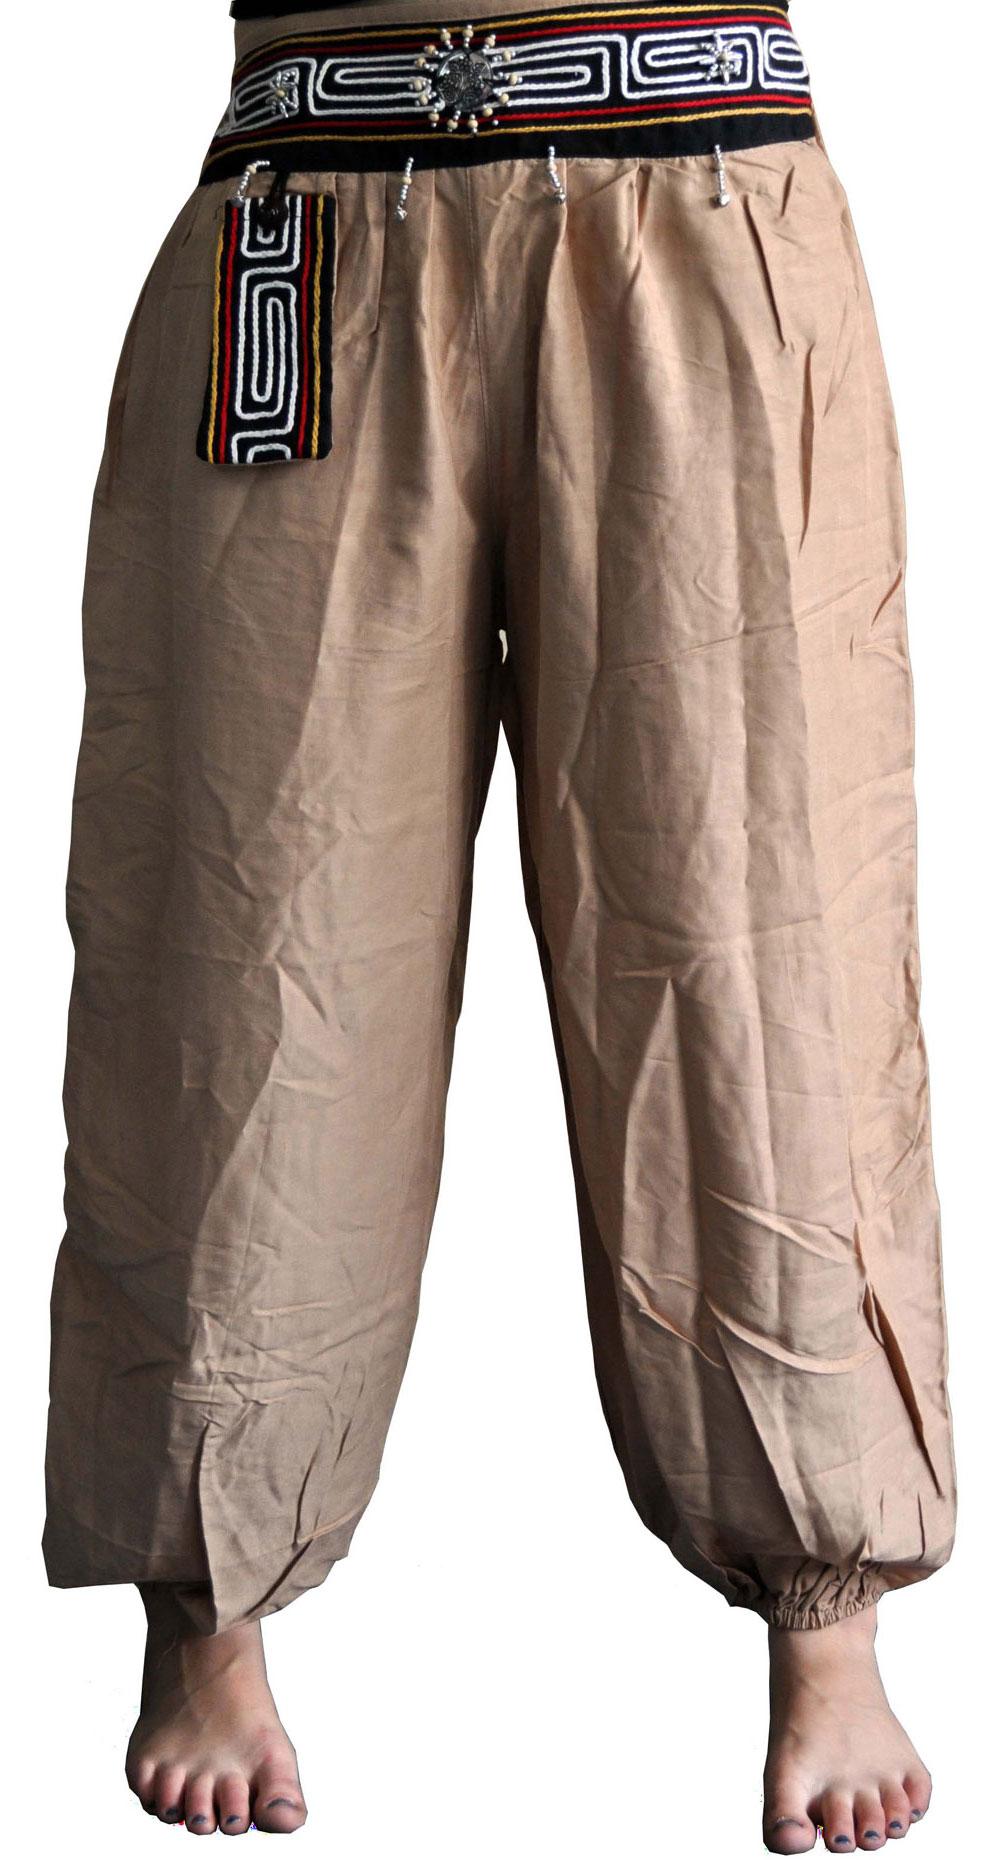 Luxury Length Harem Pants  Black  Target Australia